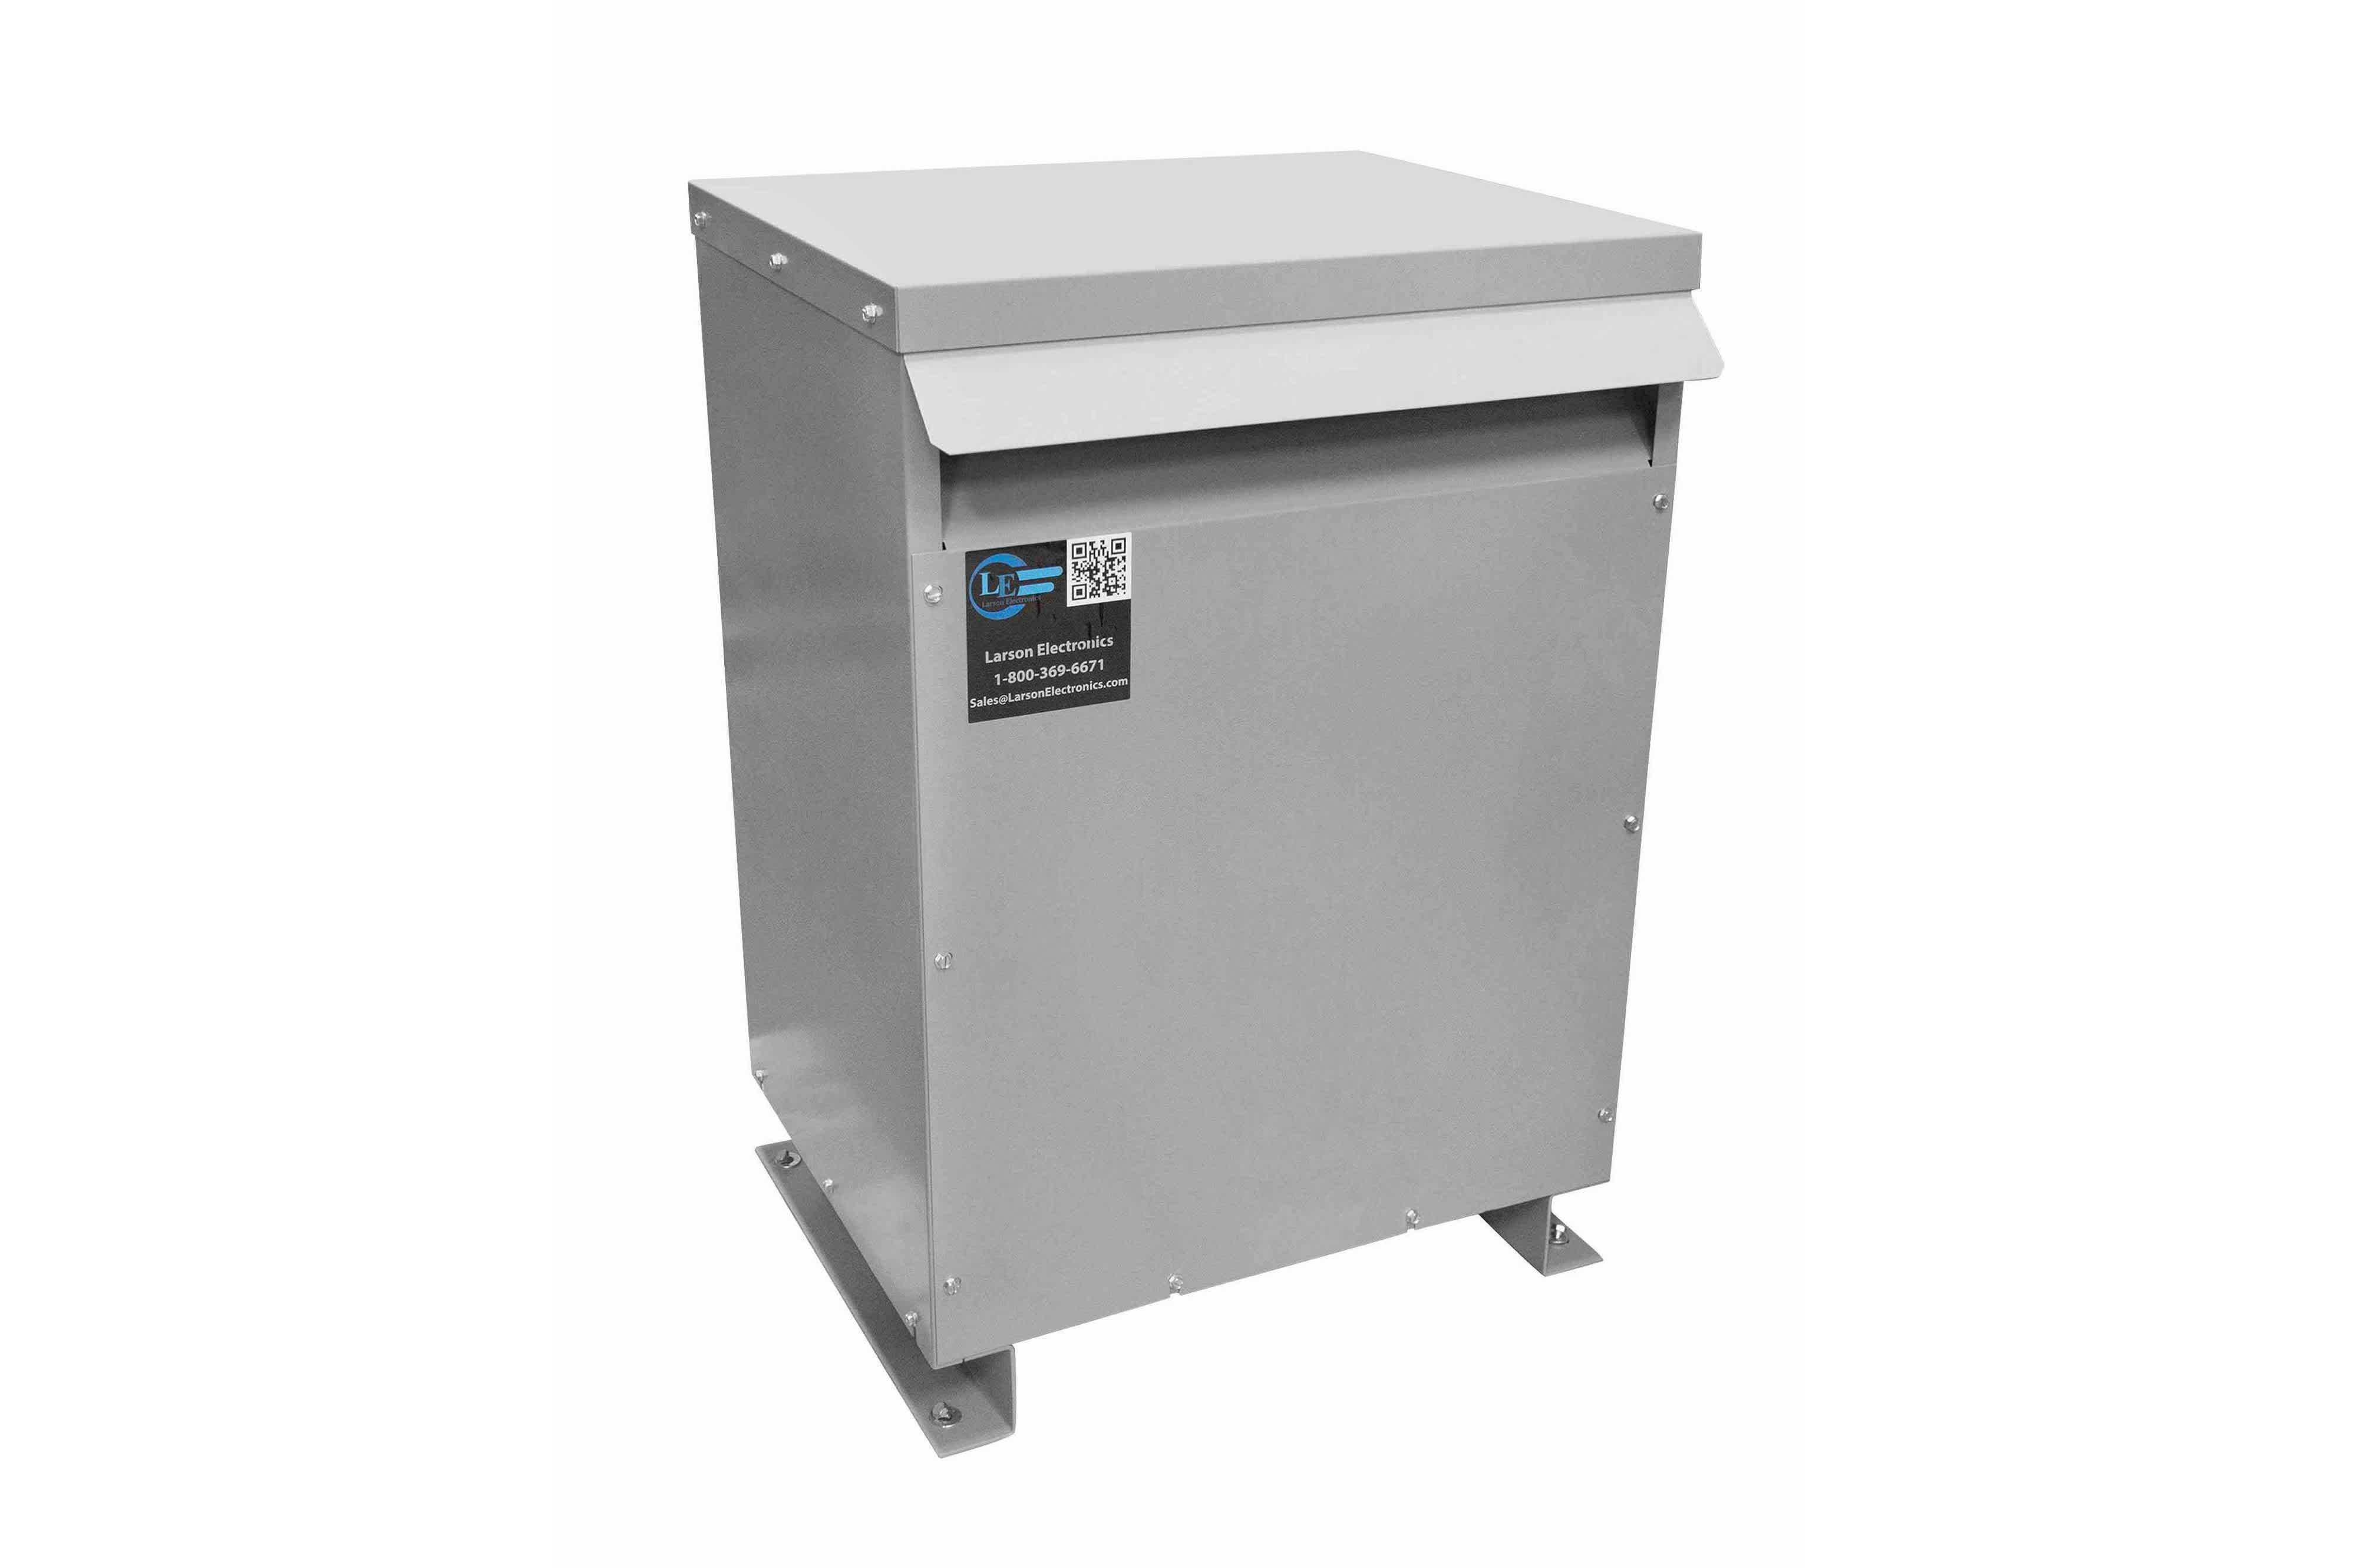 25 kVA 3PH DOE Transformer, 415V Delta Primary, 240V/120 Delta Secondary, N3R, Ventilated, 60 Hz